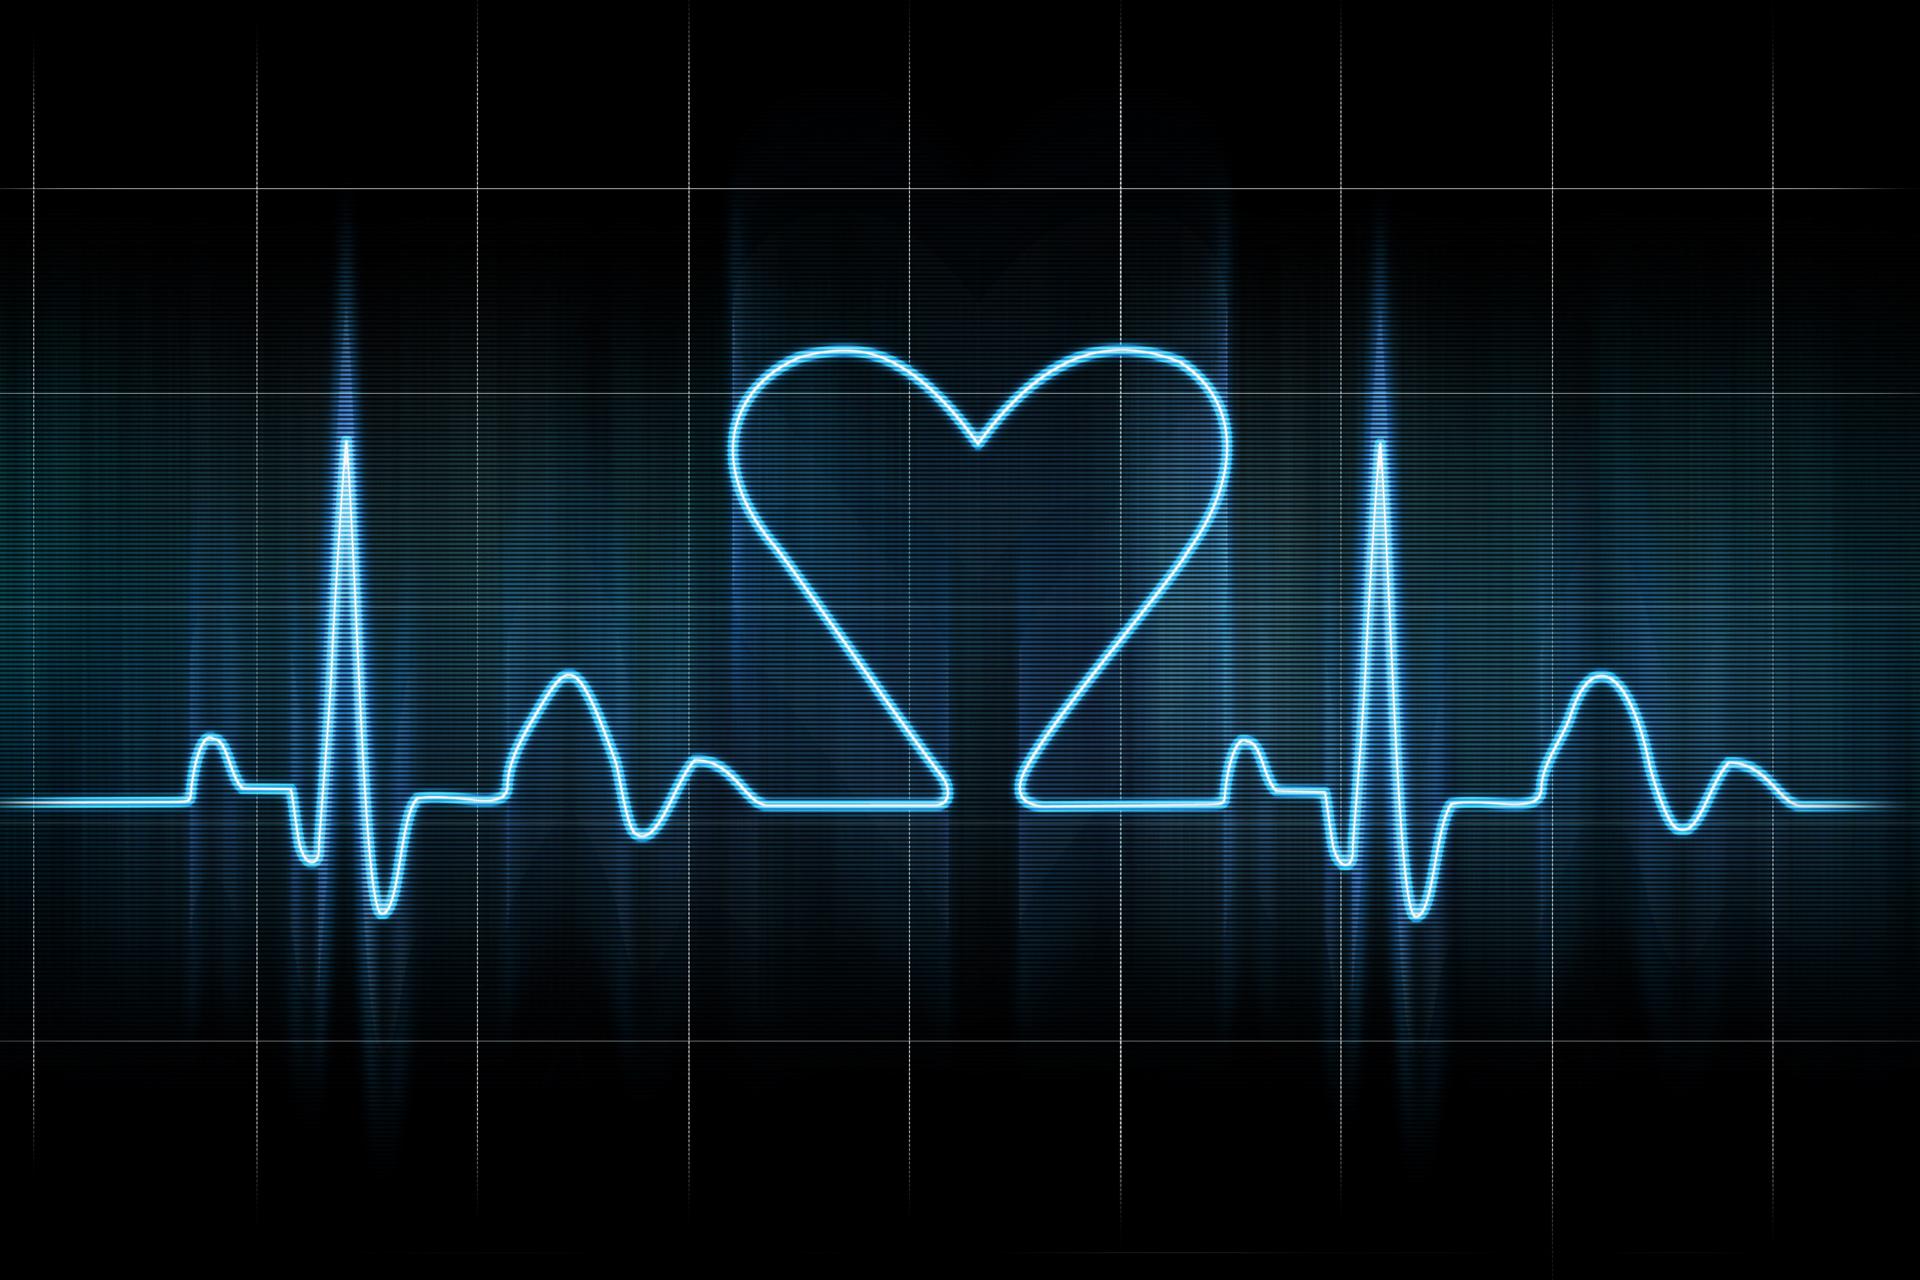 Сердце сильно бьется - симптомы, причины, лечение